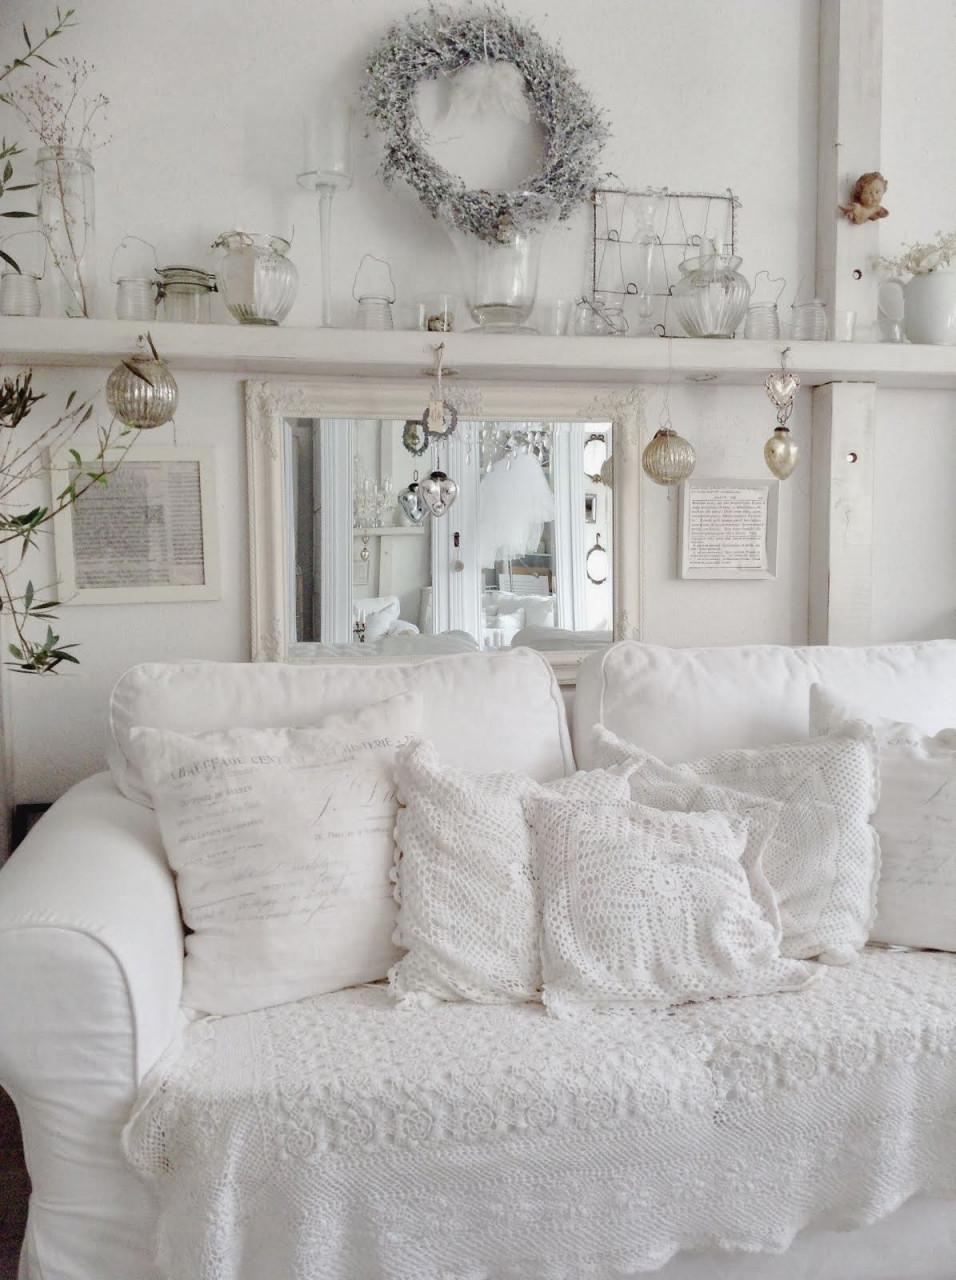 Vertraeumtes Stadthaus  Wohnen Kleine Wohnzimmer von Shabby Chic Wohnzimmer Ideen Photo